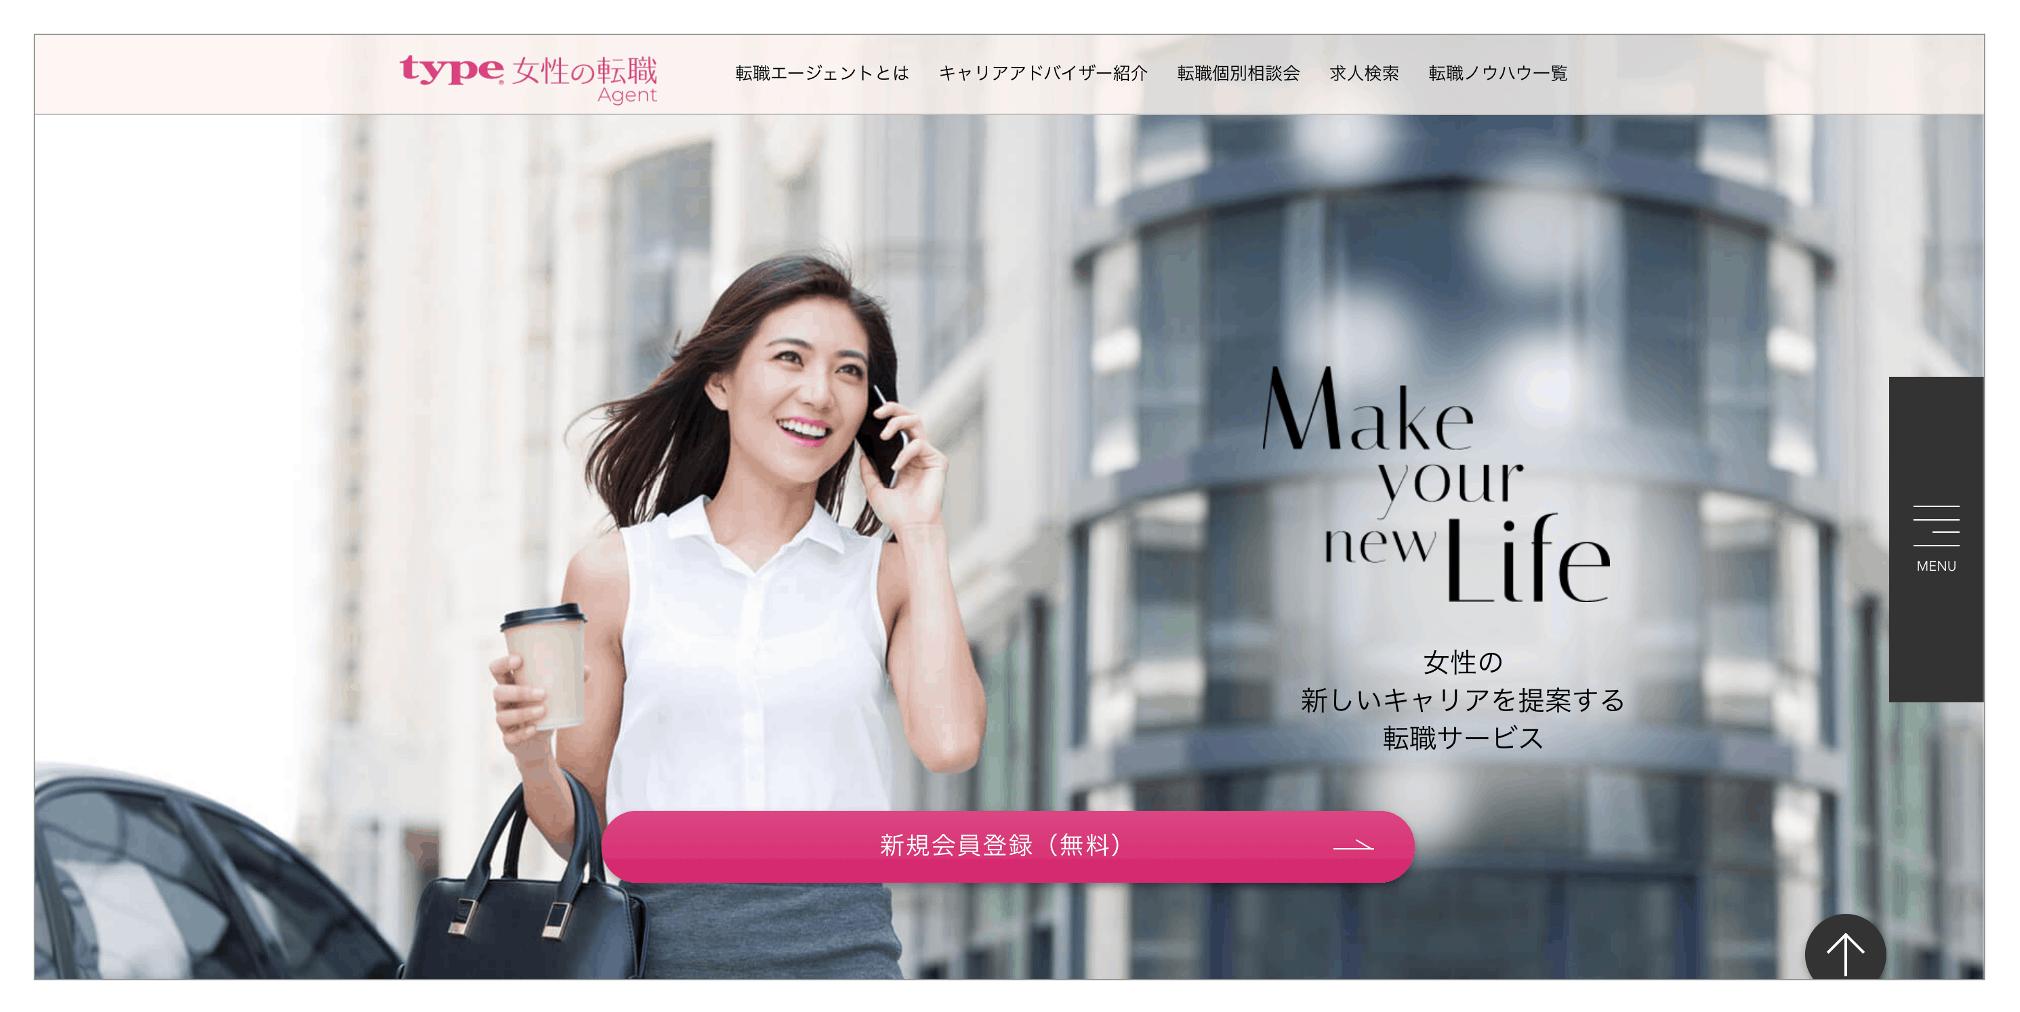 おすすめの転職サイト「type女性の転職Agent」